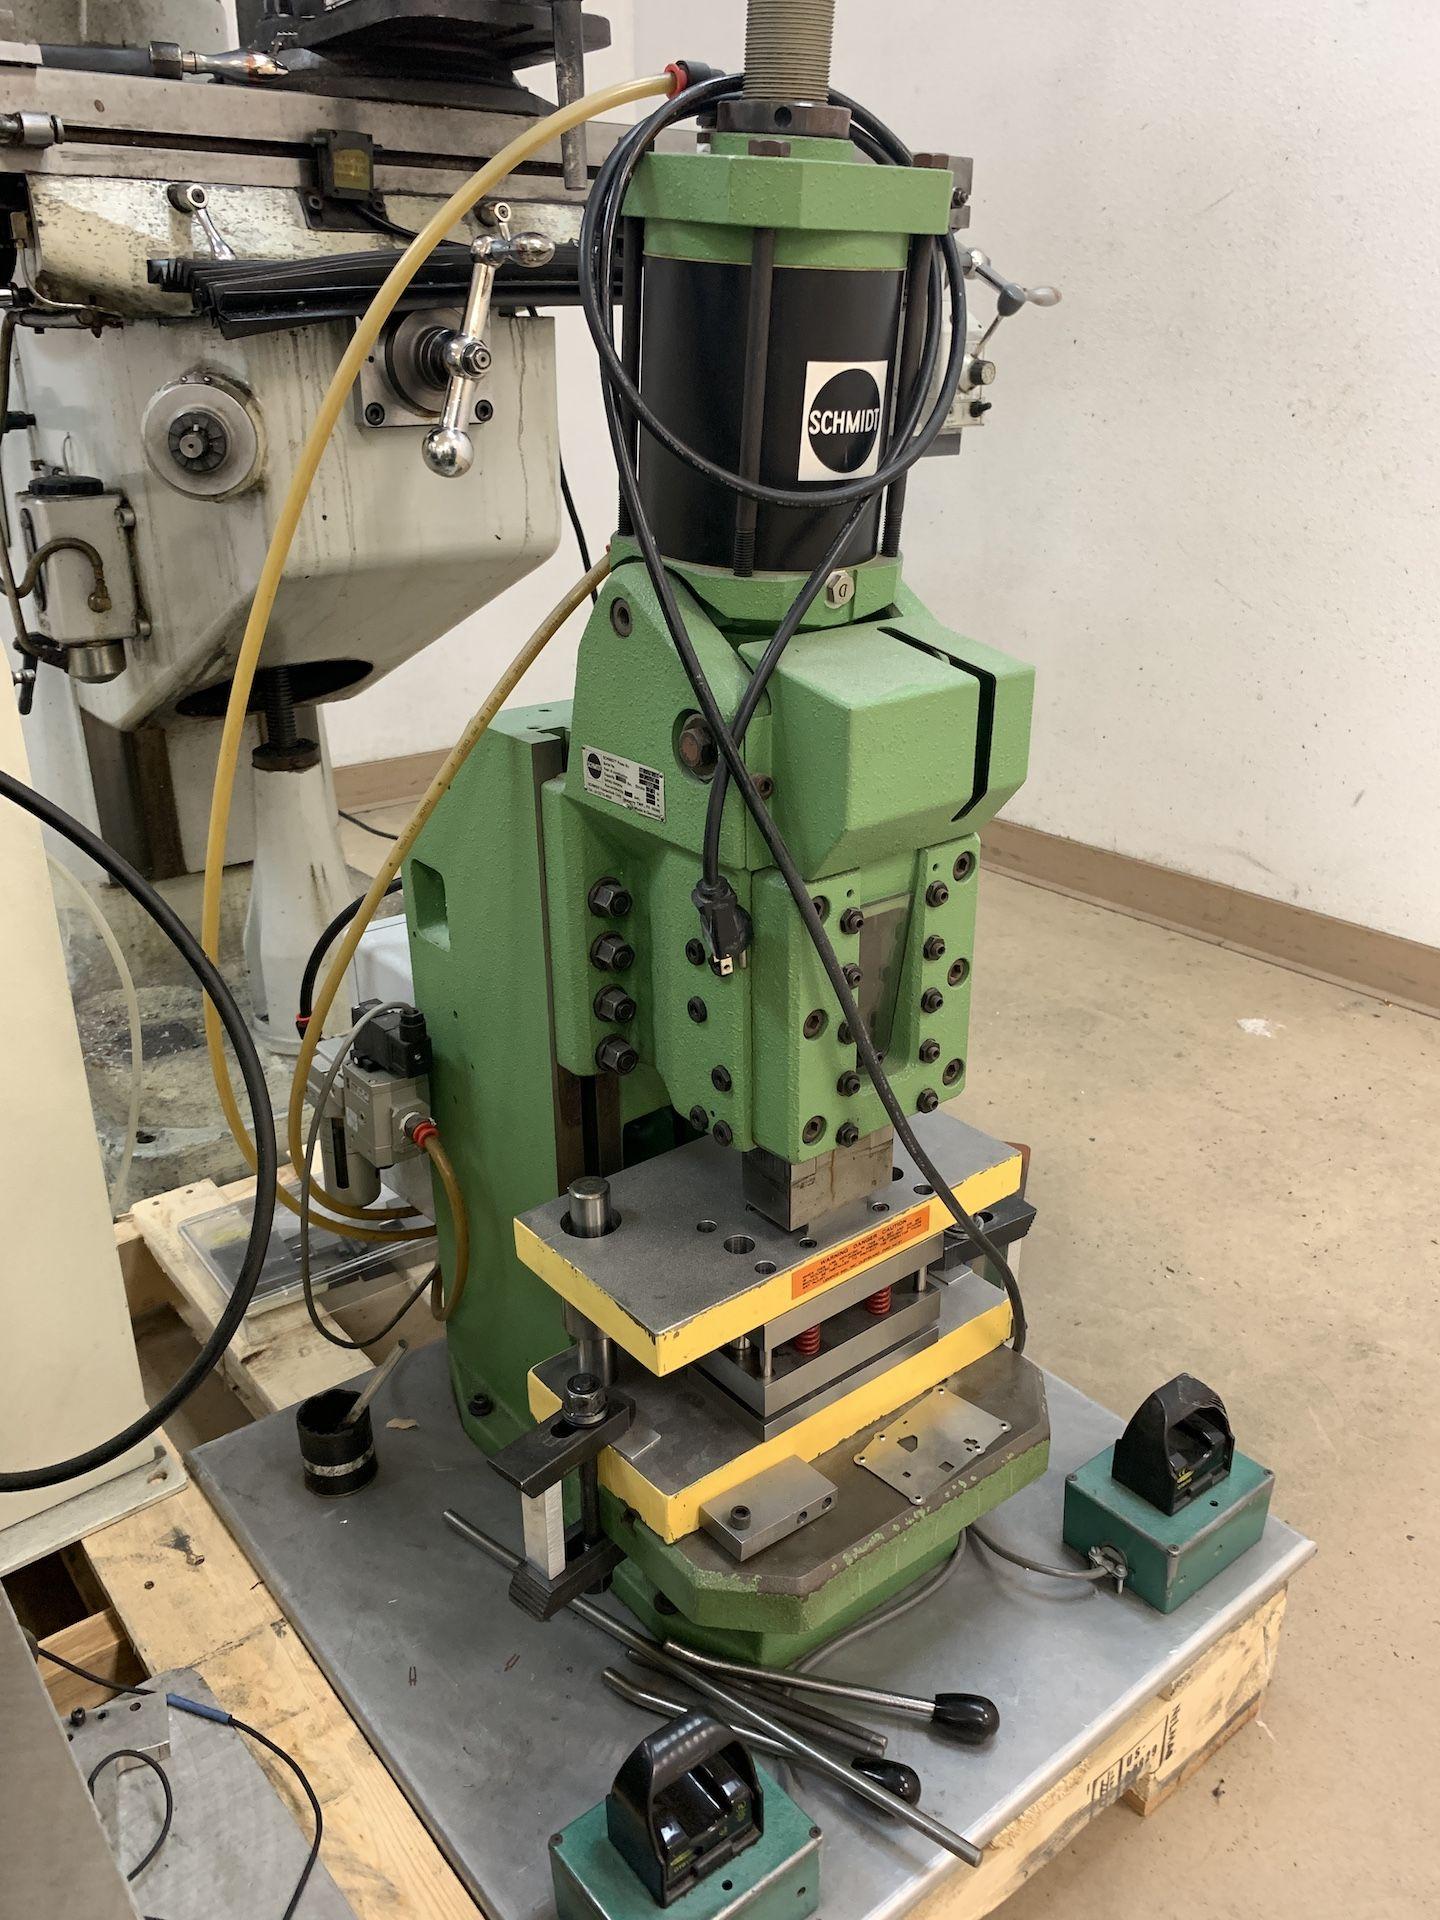 Lot 32B - Schmidt 13000 lb capacity Air Toggle Press